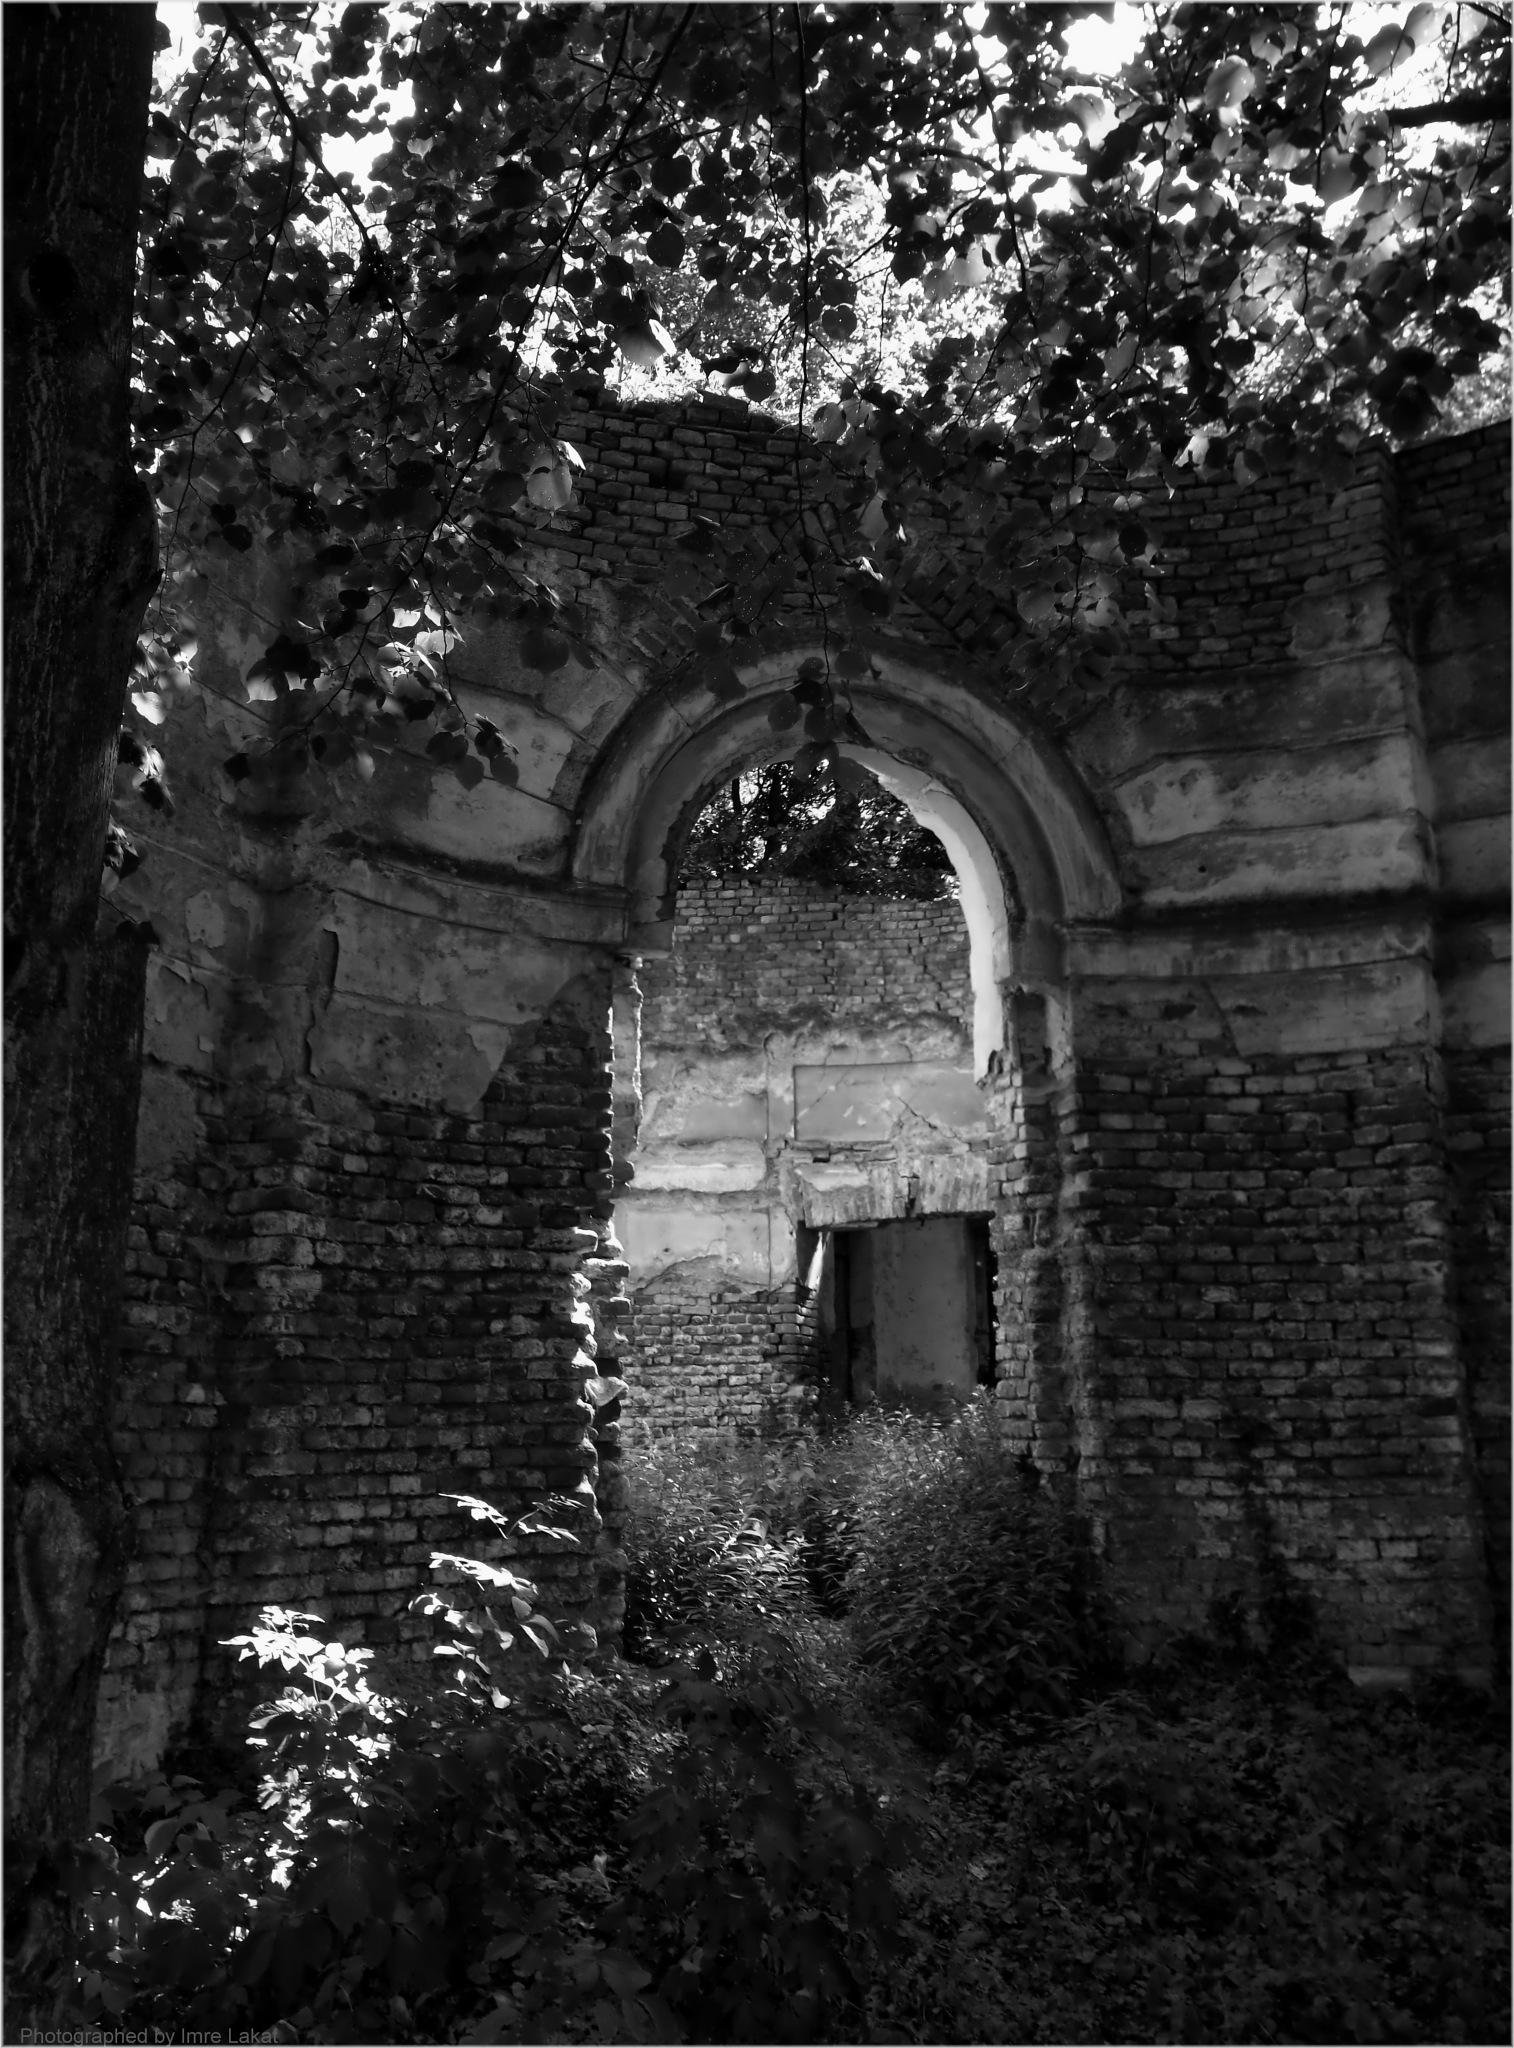 Ruin castle park of Laxenburg by Imre Lakat